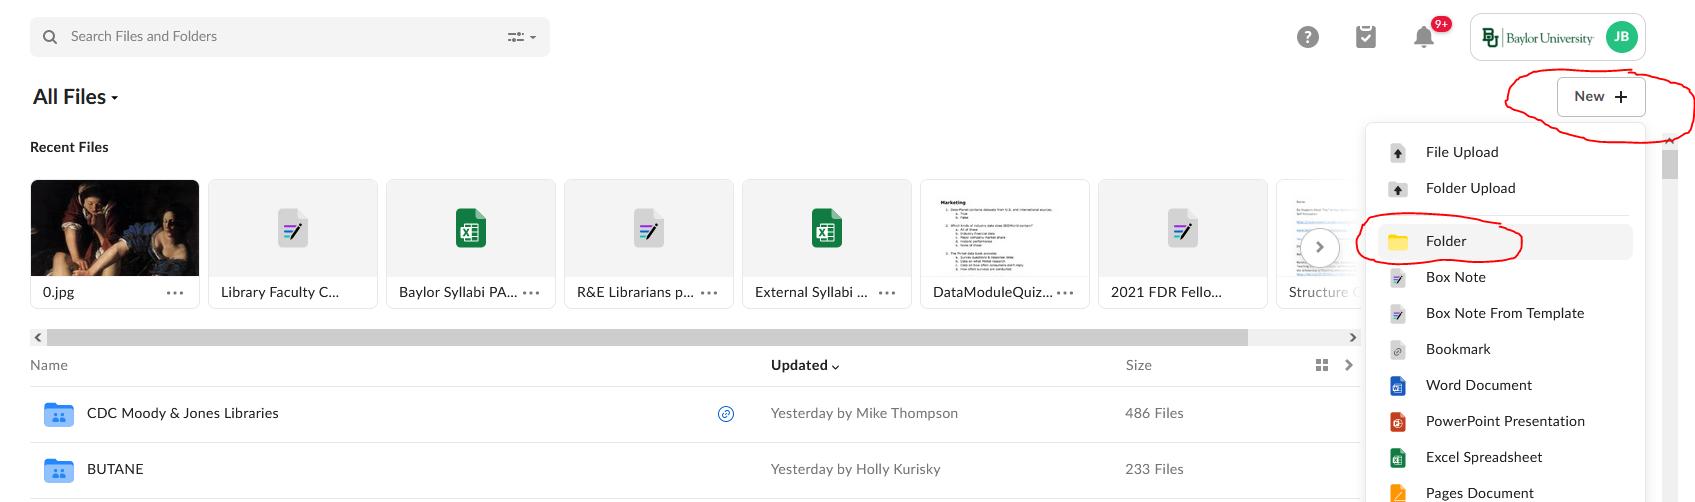 screenshot  showing how to create a new folder i n Box